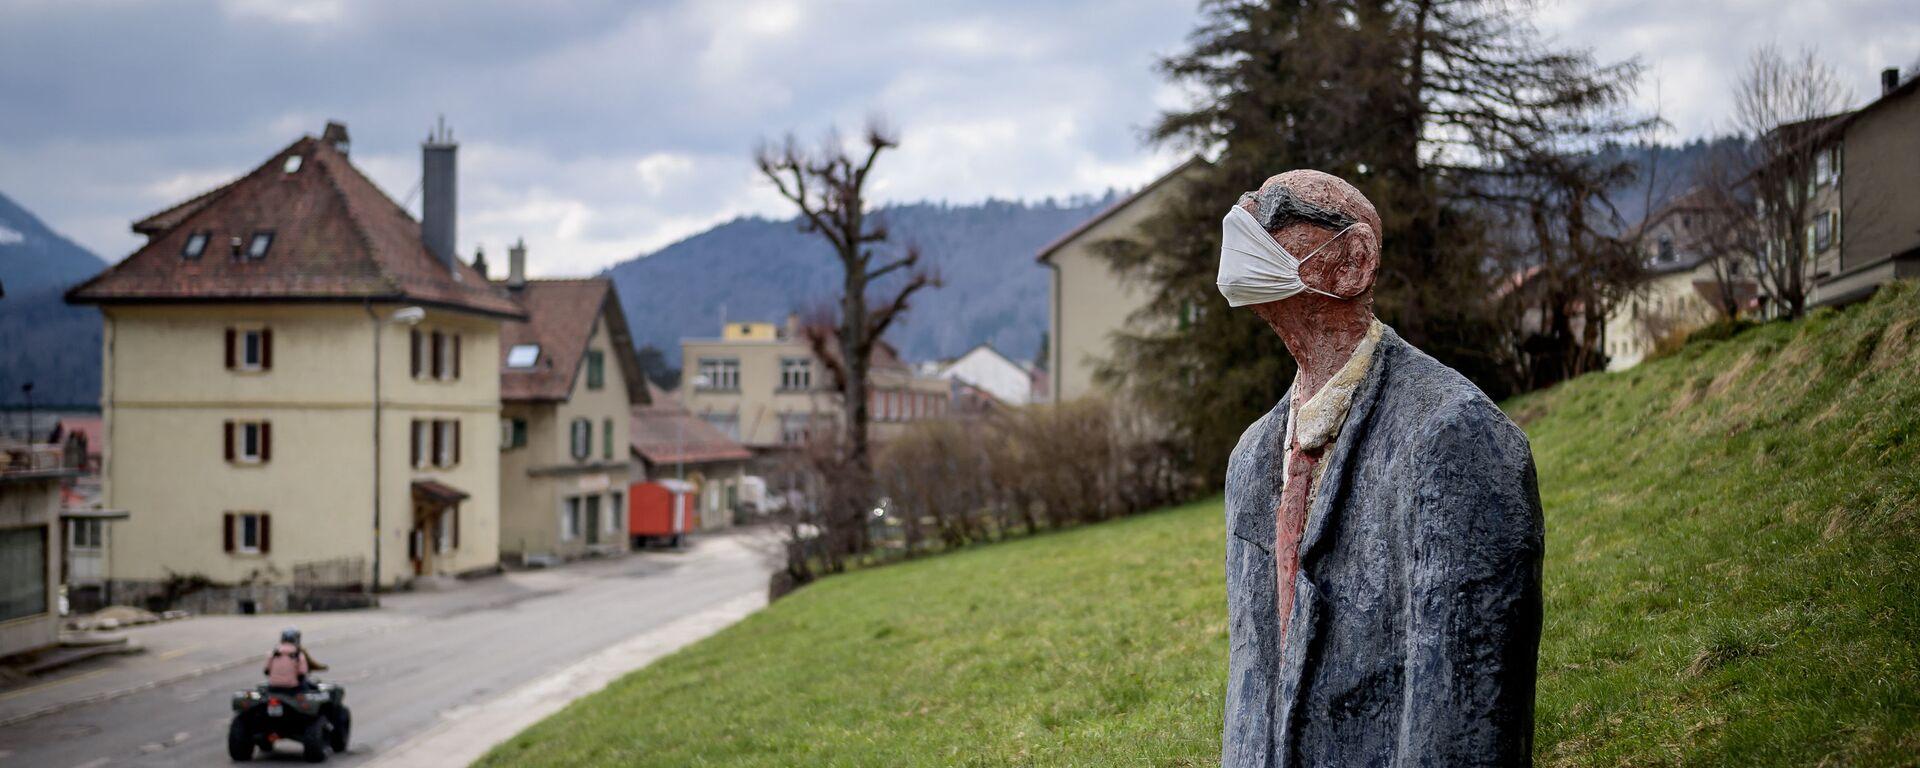 Statua di uomo con mascherina a Sainte-Croix, in Svizzera - Sputnik Italia, 1920, 21.05.2021